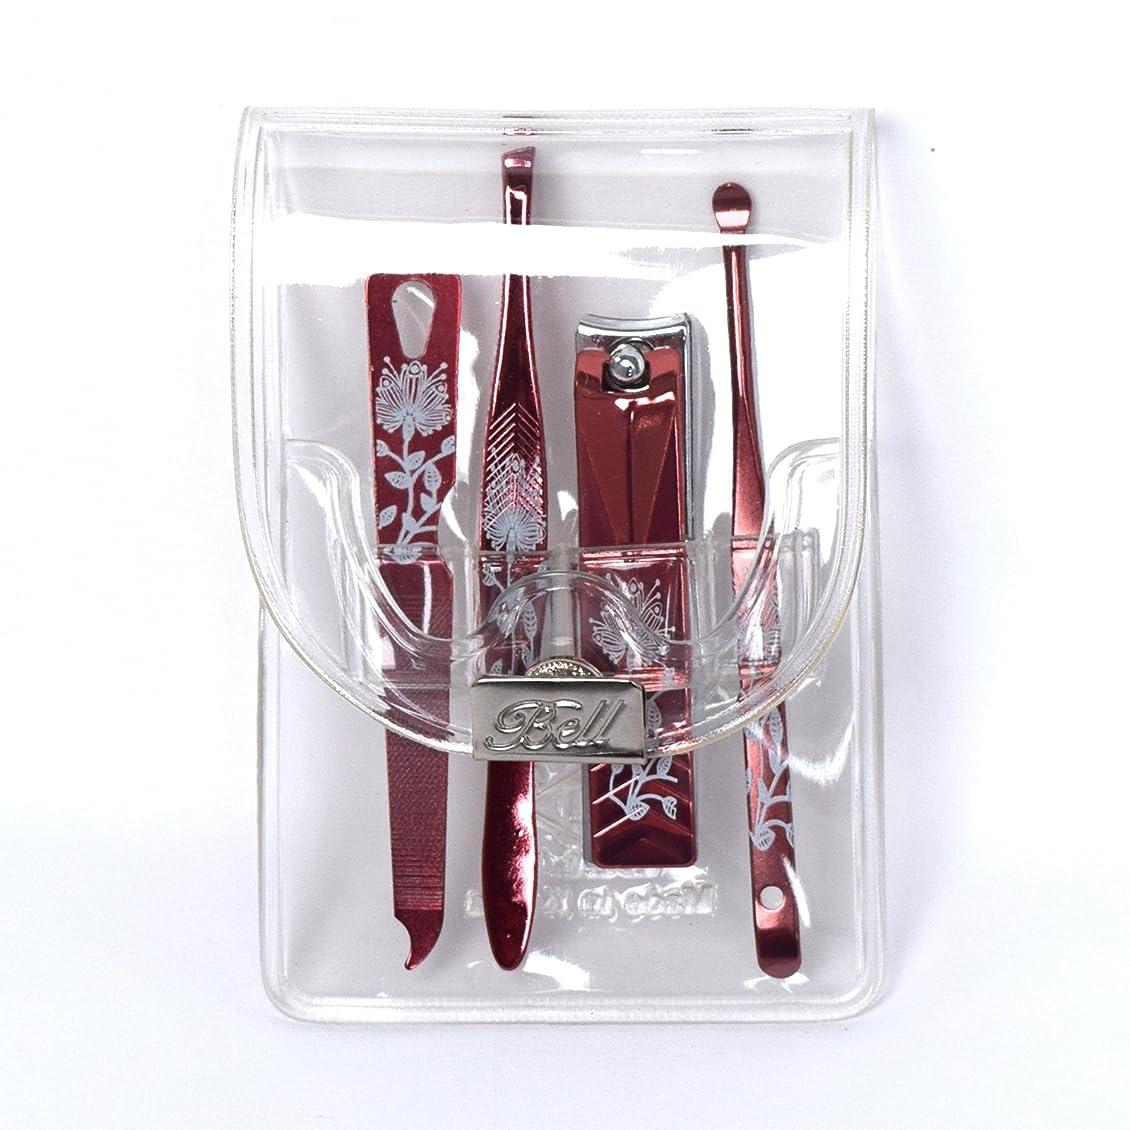 レールケープごちそうBELL Manicure Sets BM-991C ポータブル爪ケアセットトラベル爪切りセットステンレス鋼の失速構成透明高周波ケースPortable Nail Clippers Nail Care Set